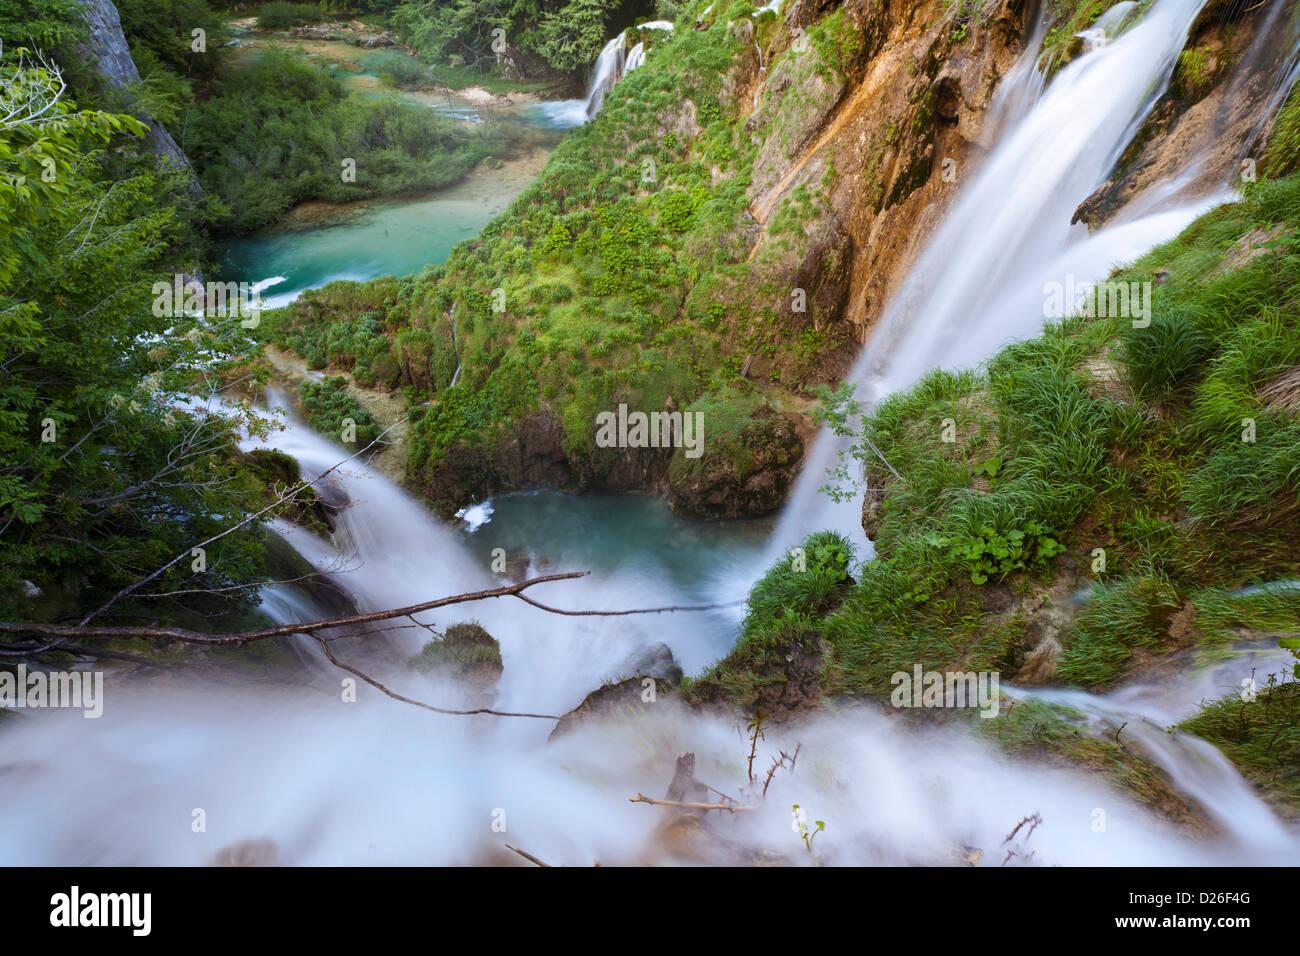 Los lagos de Plitvice en el Parque Nacional de Plitvicka Jezera. Las cascadas sumiendo en el lecho del río Korana. Foto de stock